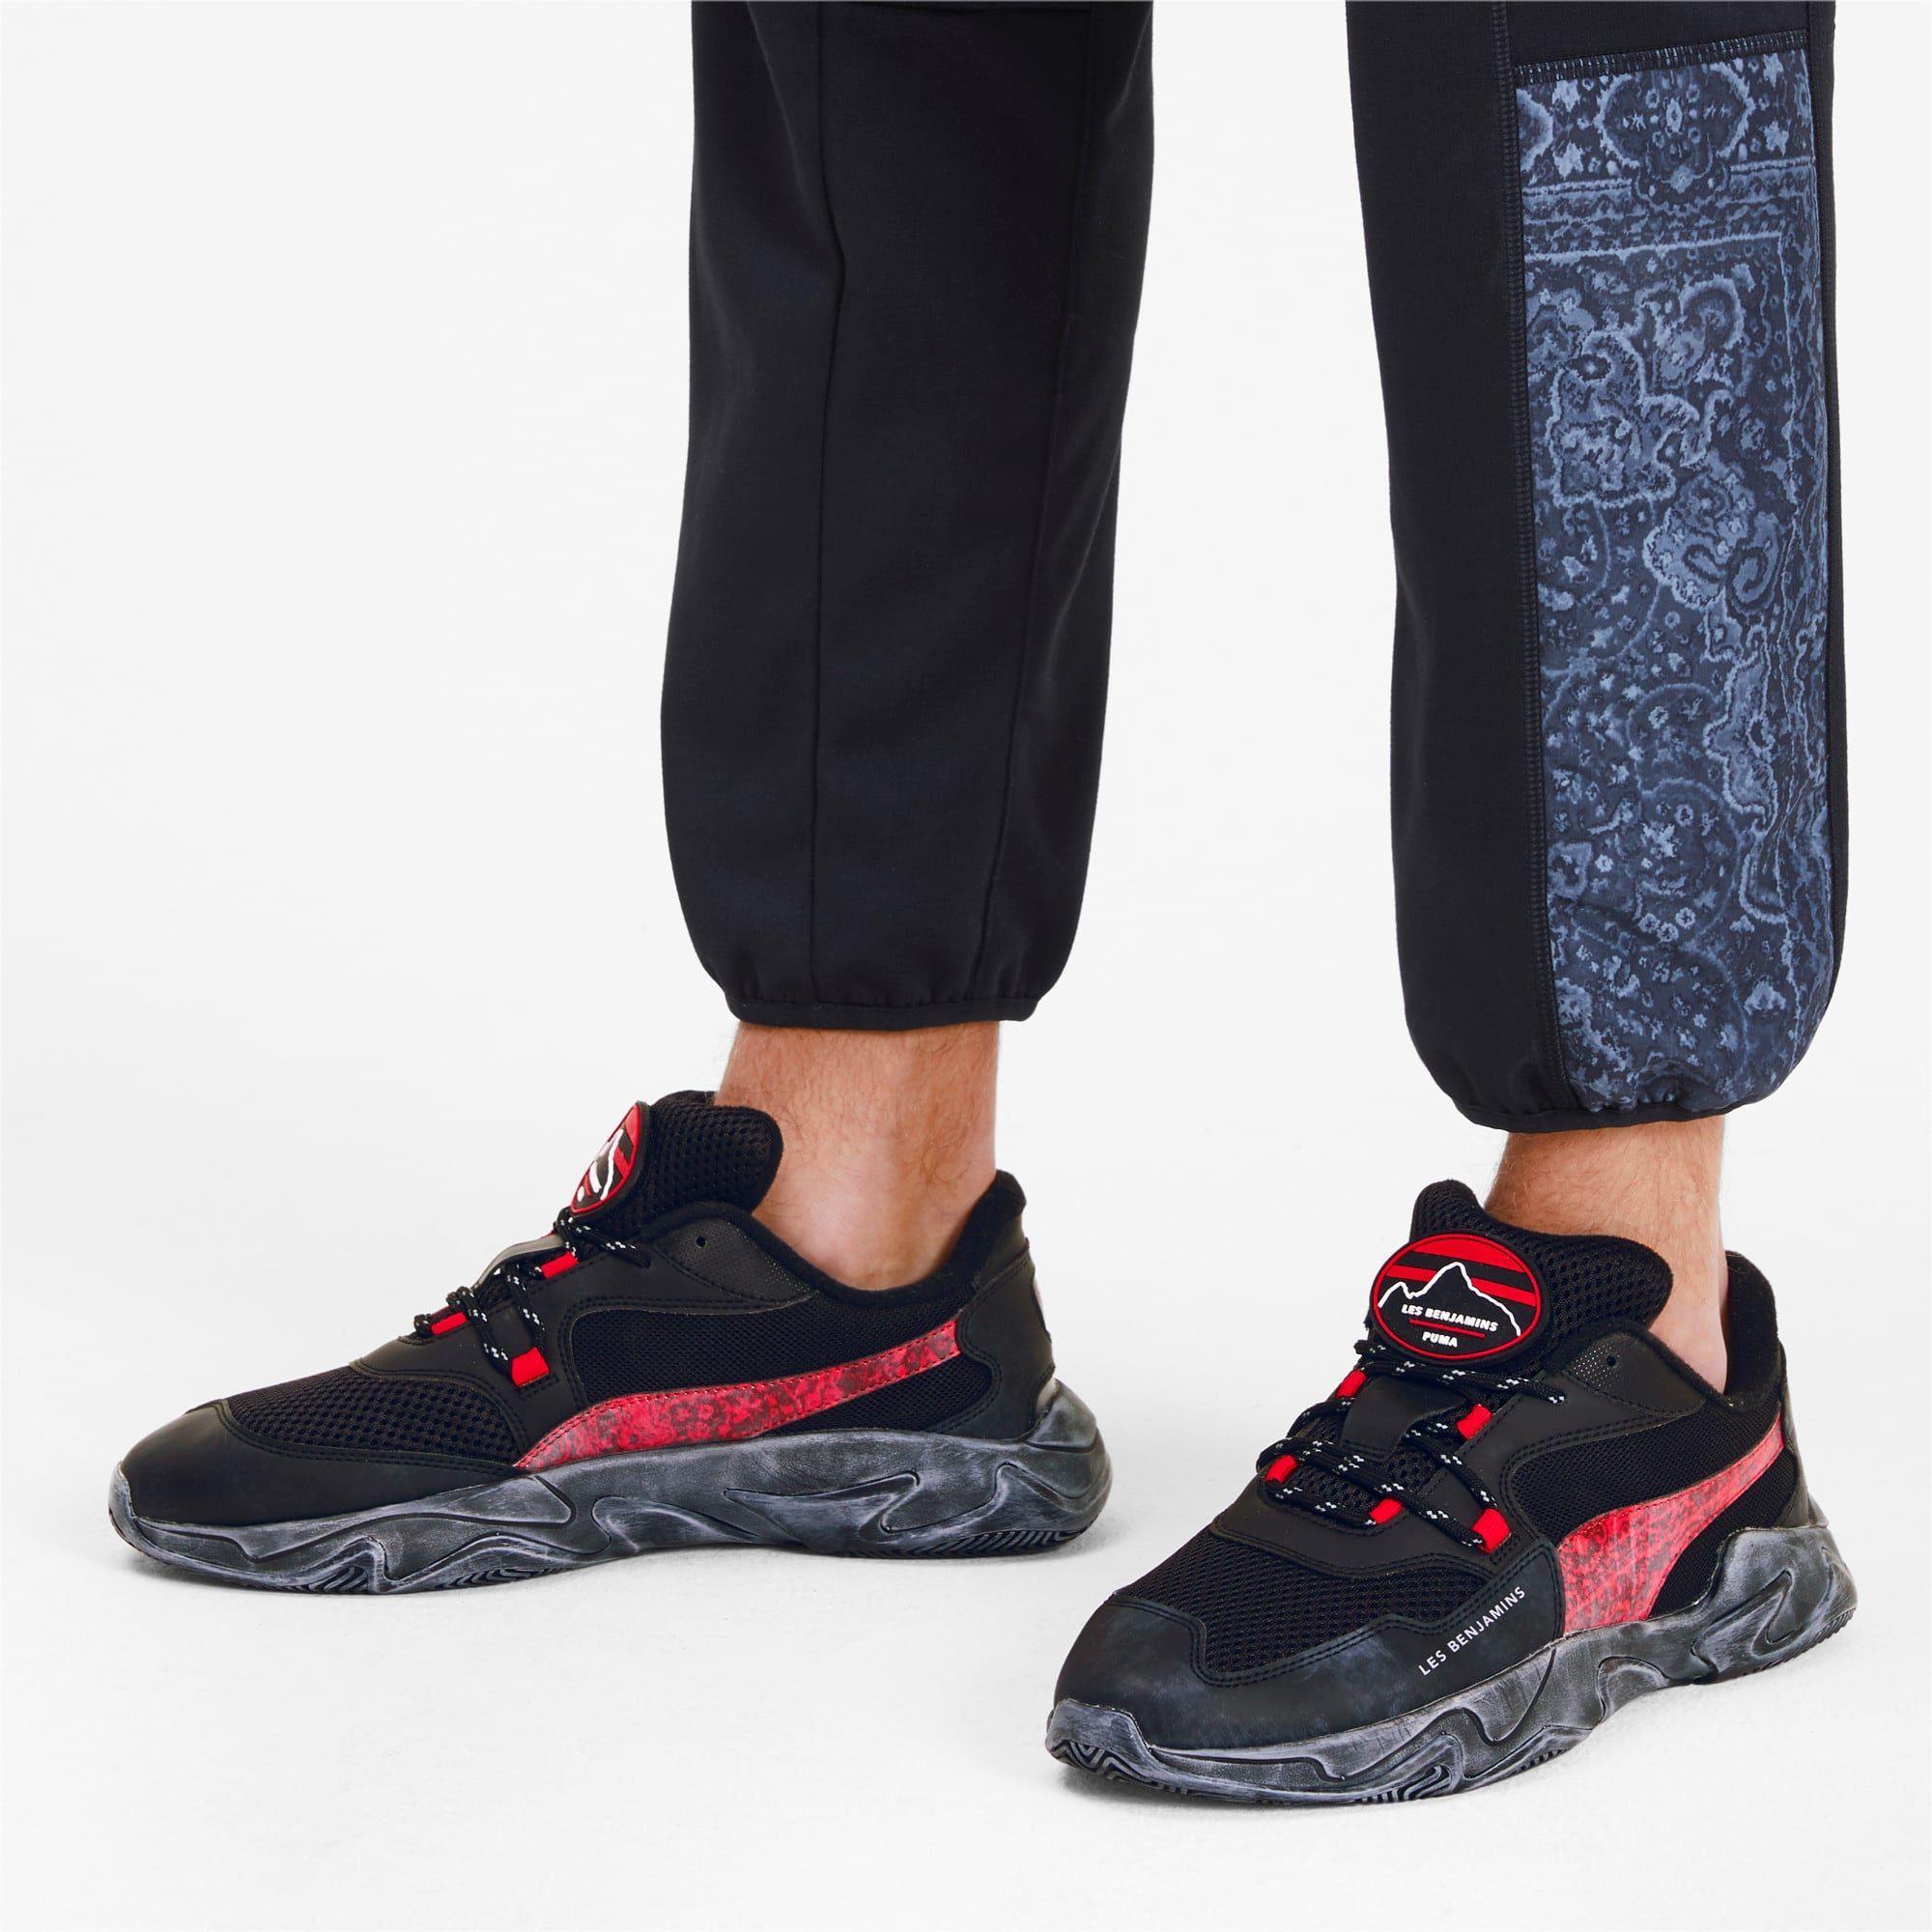 Sneakers Puma fall winter 2017 2018 for men | Man dressing